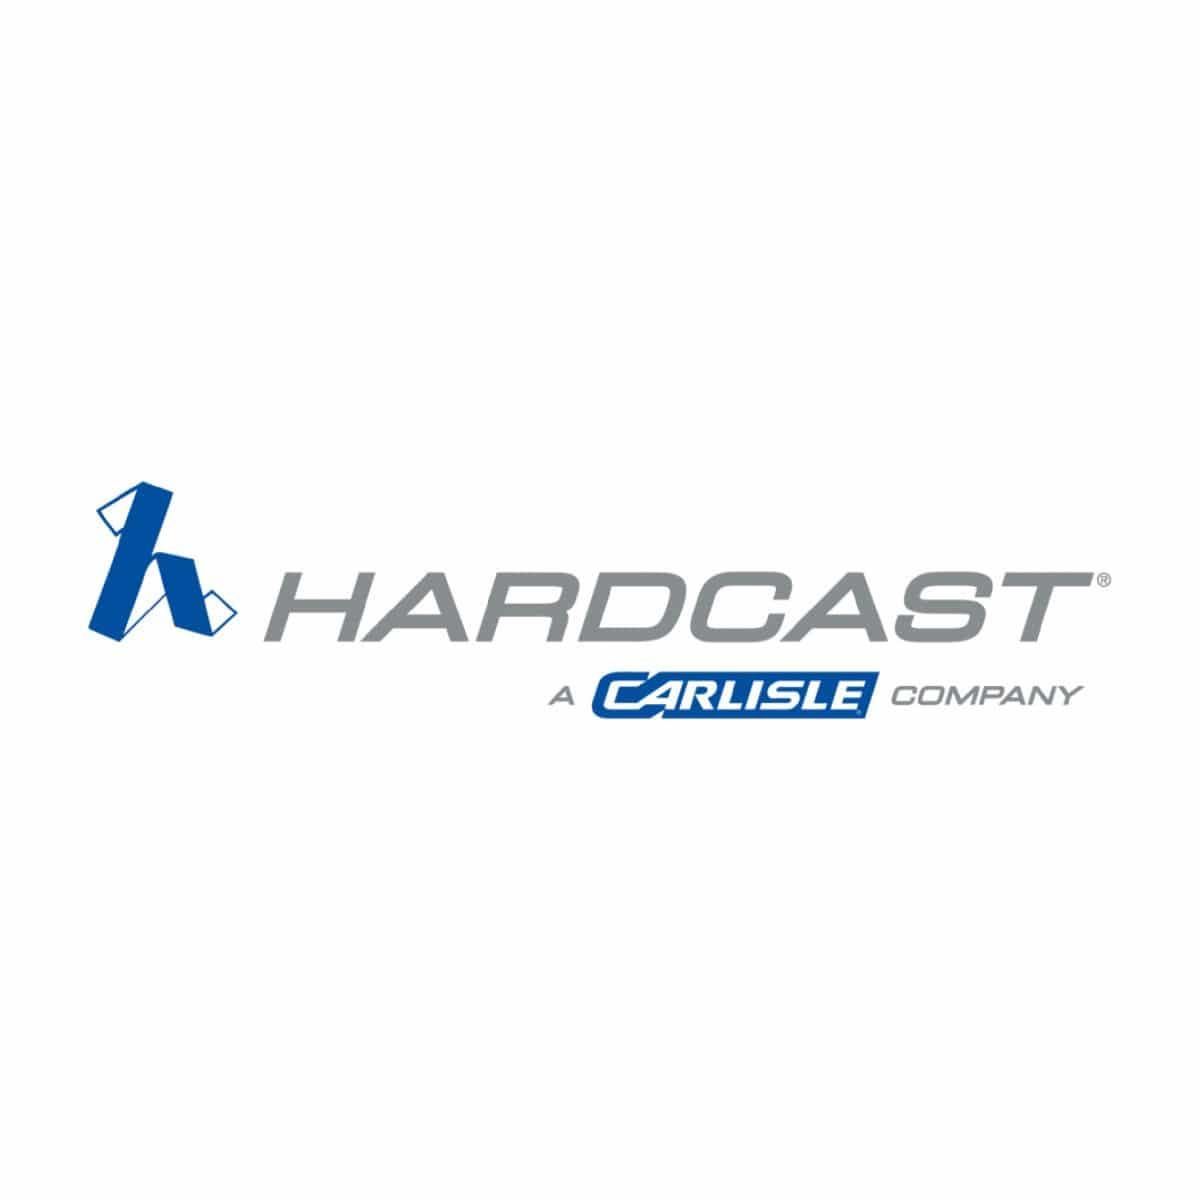 Hardcast Carlisle